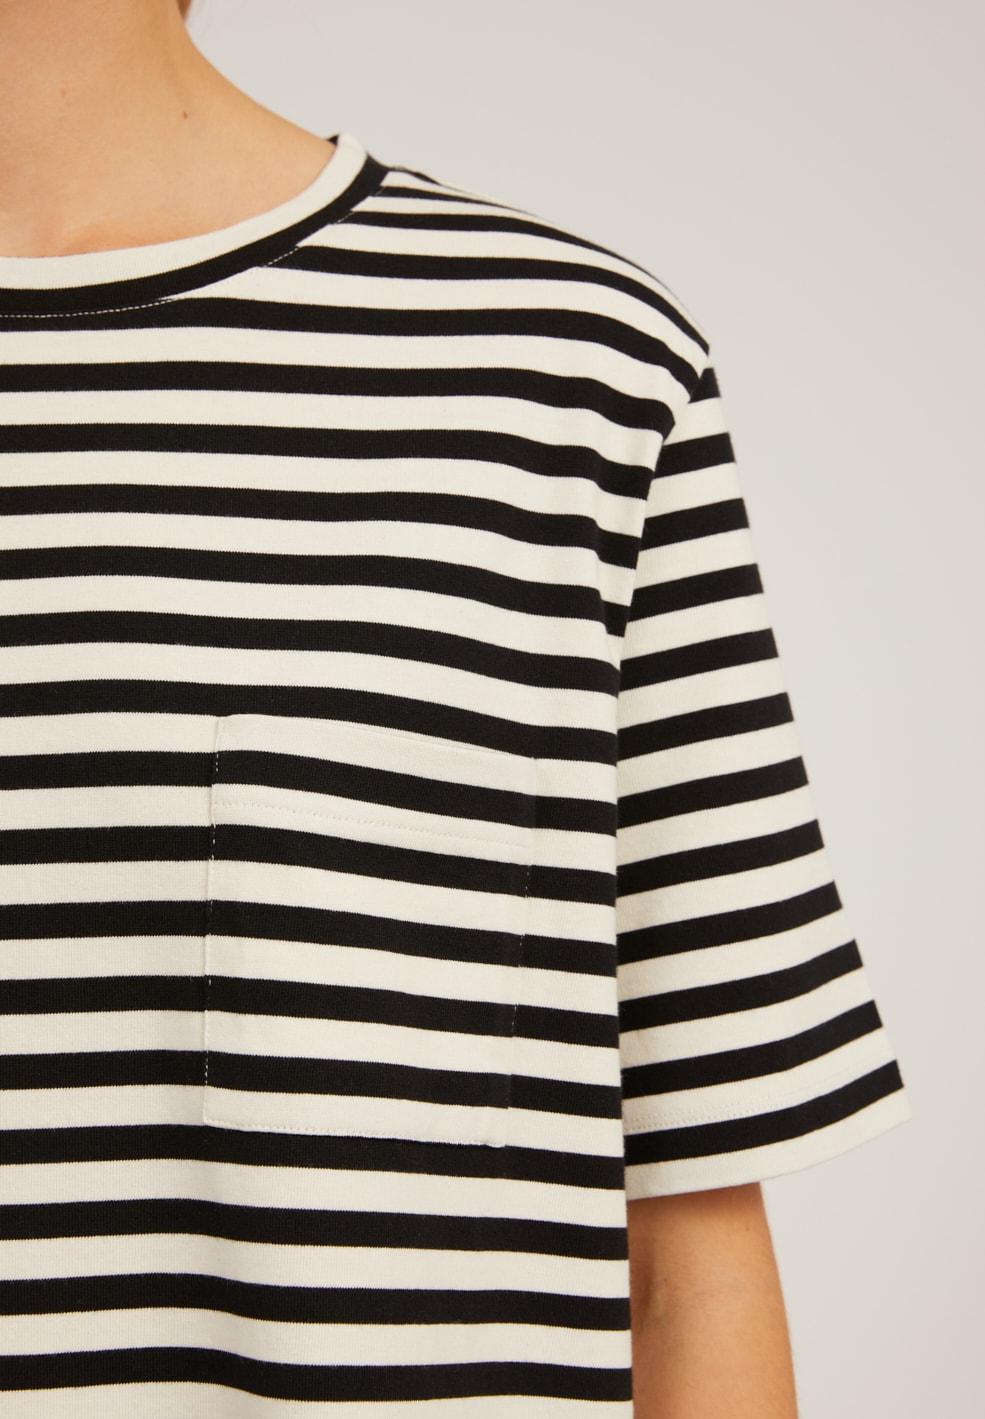 kleaa-stripe-undyed-black-03